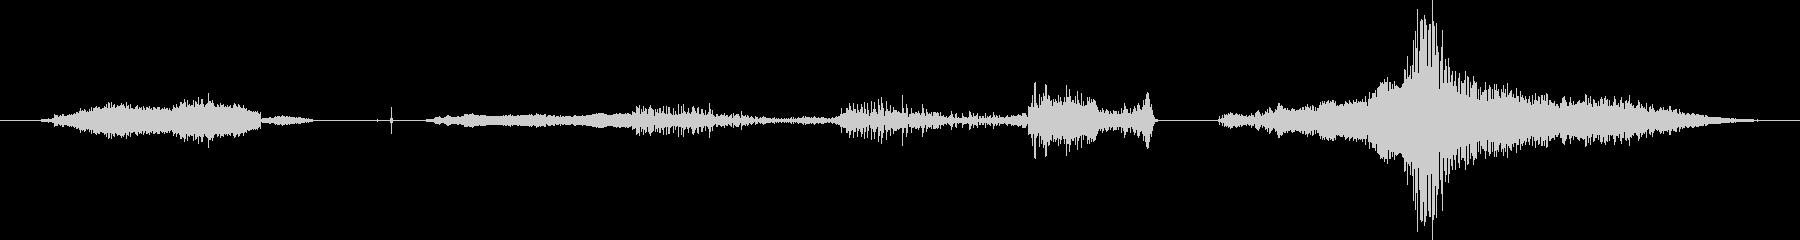 鳴き声 男性ストレッチ01の未再生の波形